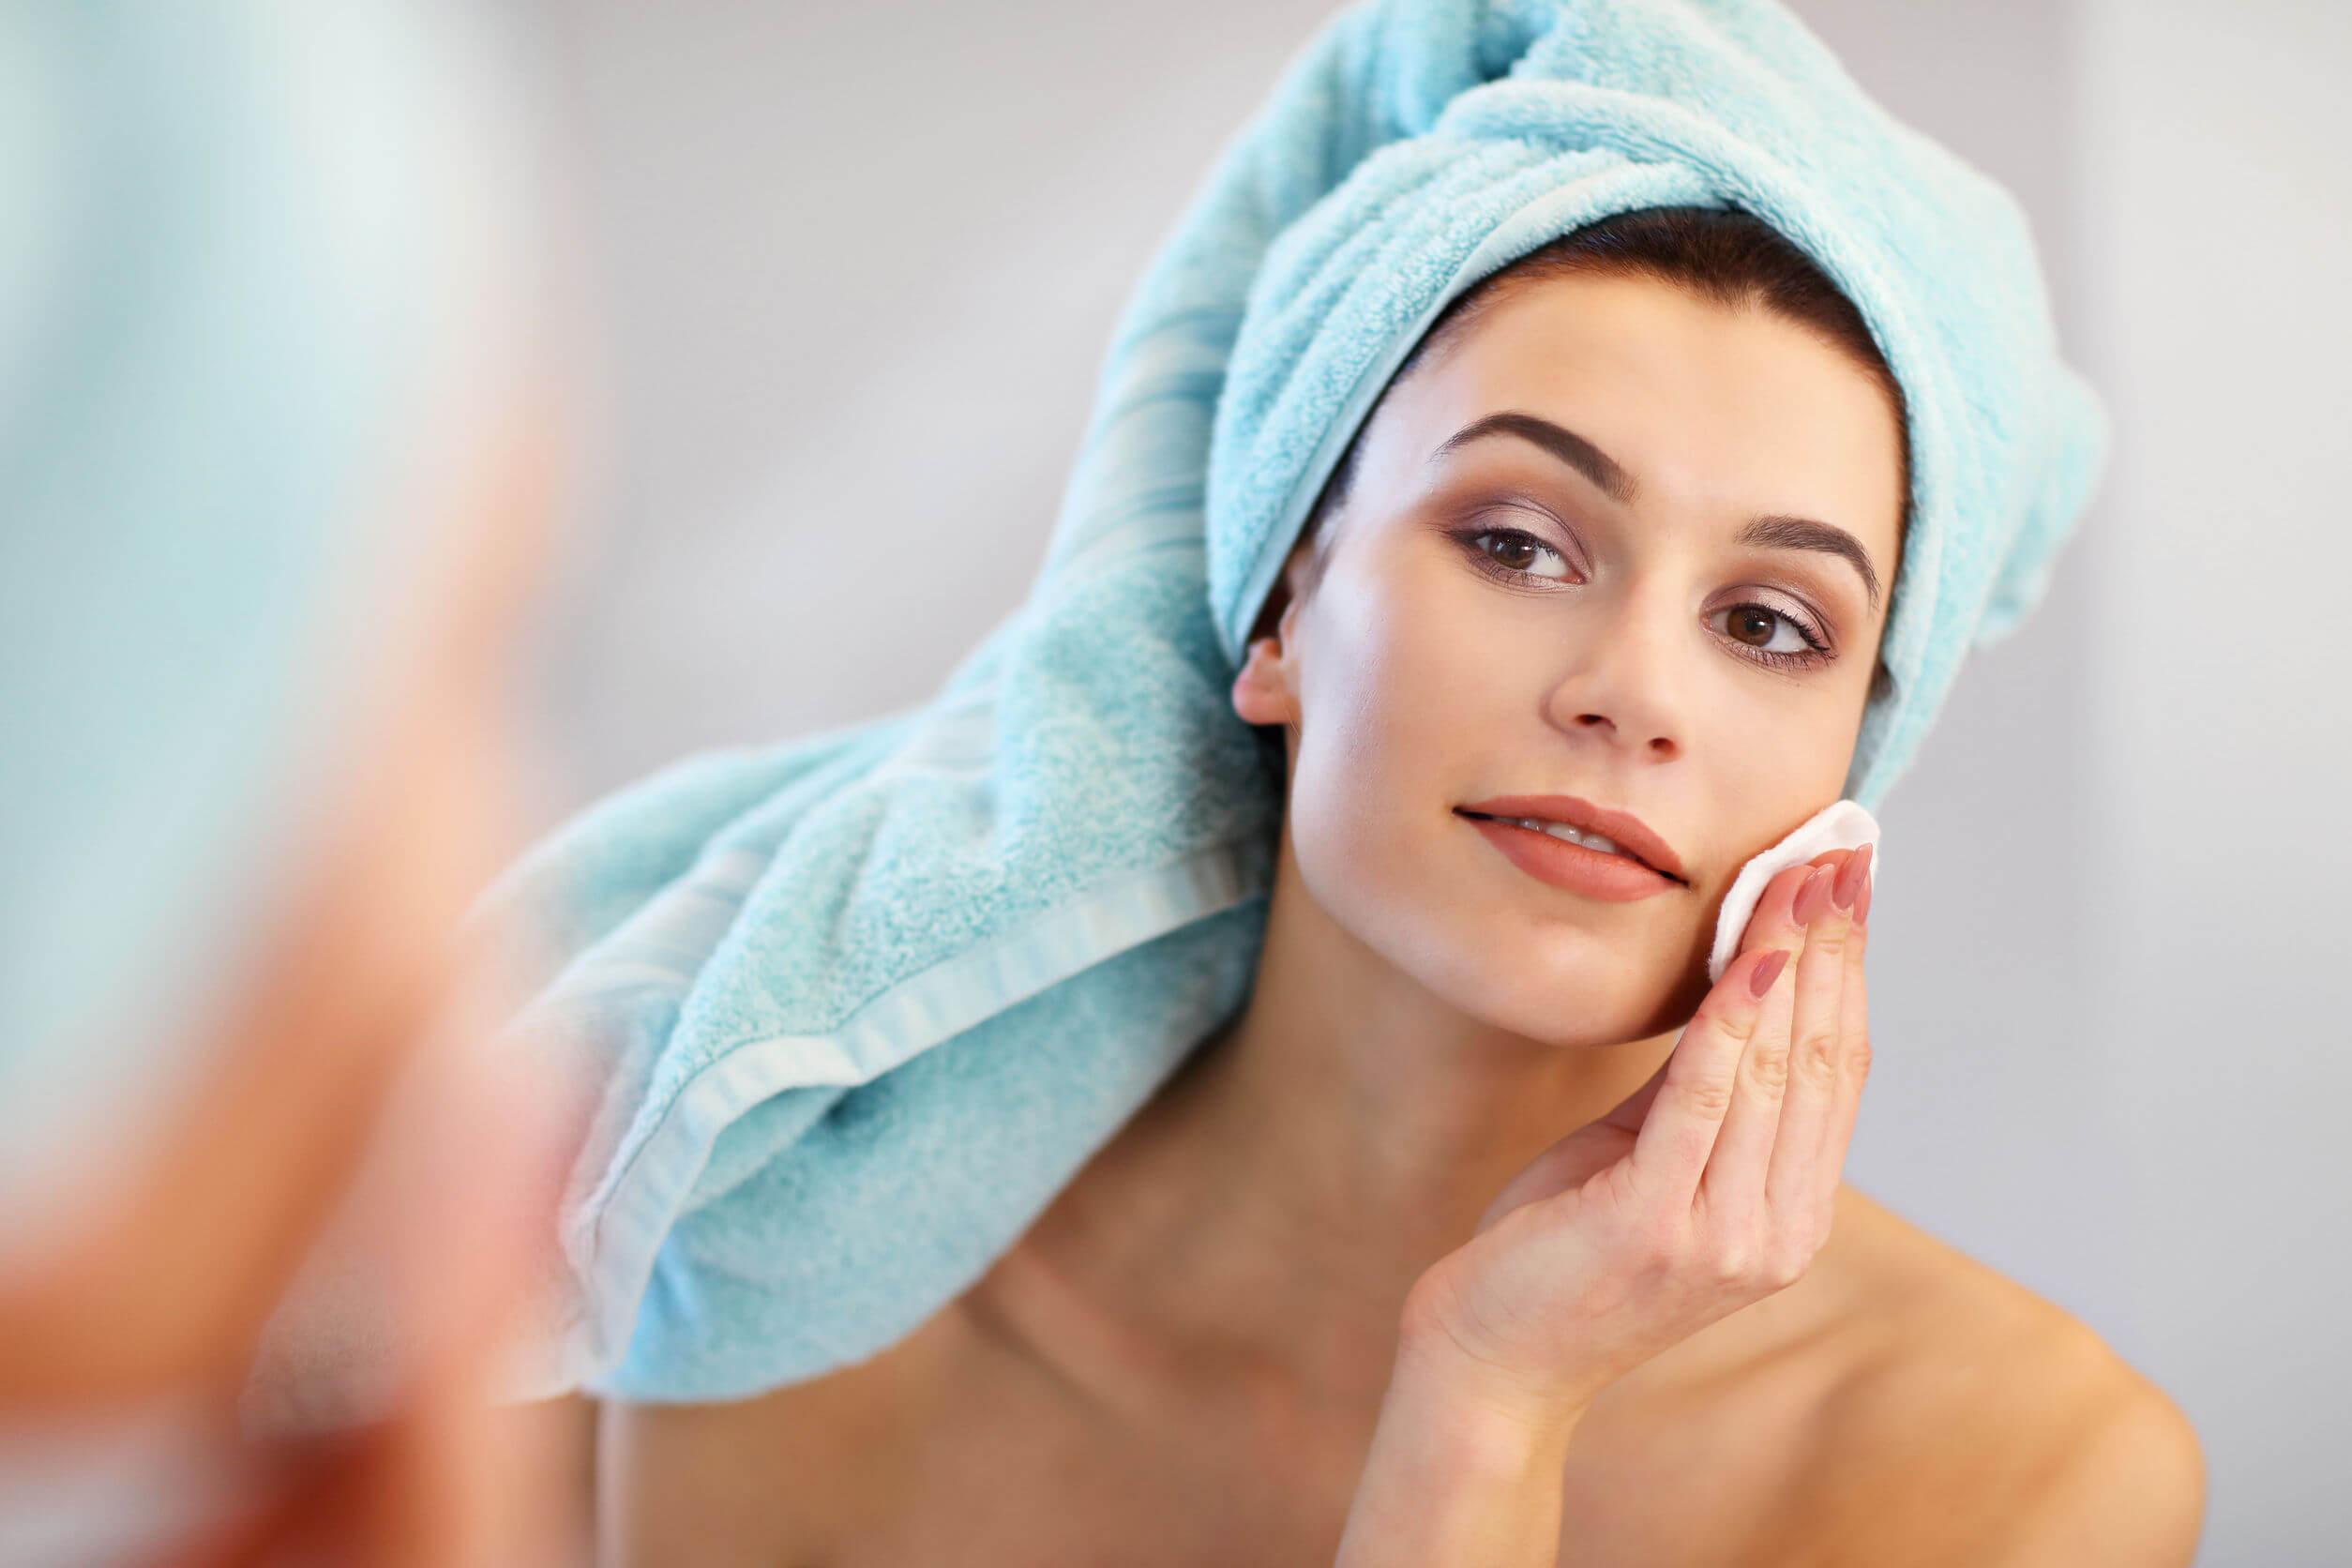 Une femme qui se lave le visage.